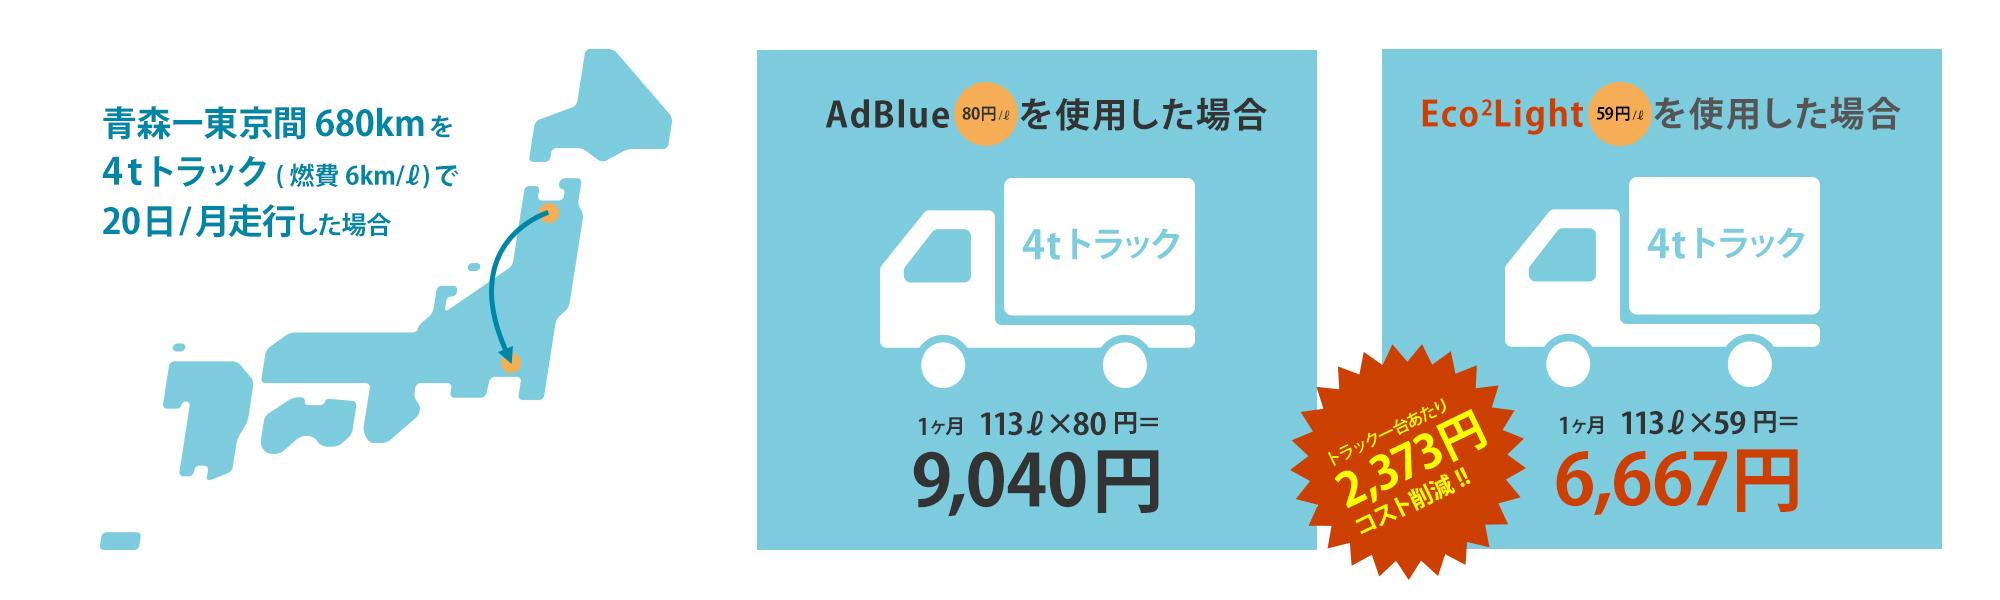 AdBlue®からEco2Lightにすると、大幅なコスト削減になります。